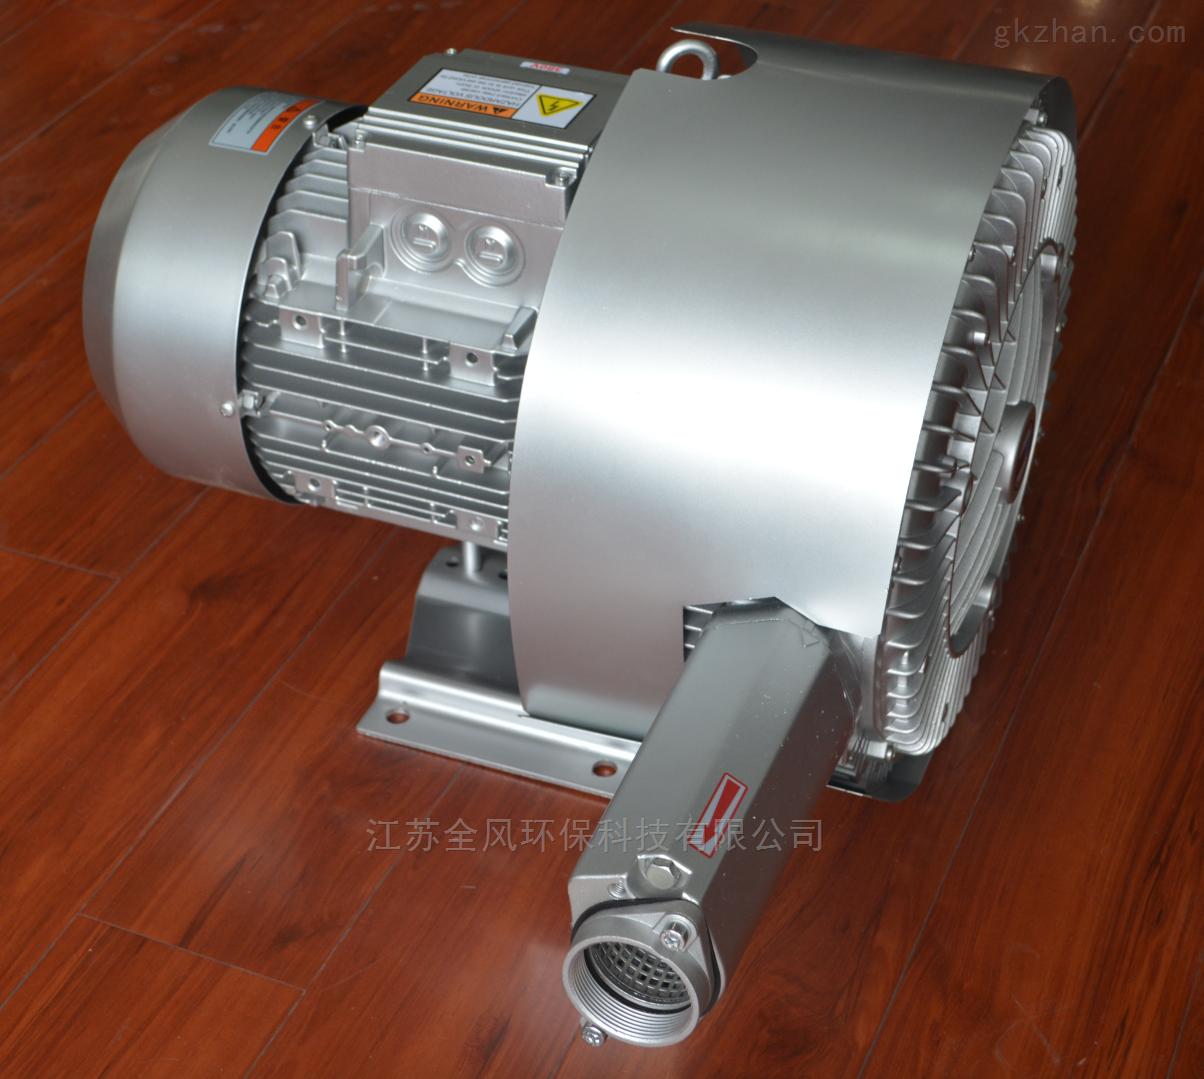 新款粮食全自动扦样机专用高压鼓风机